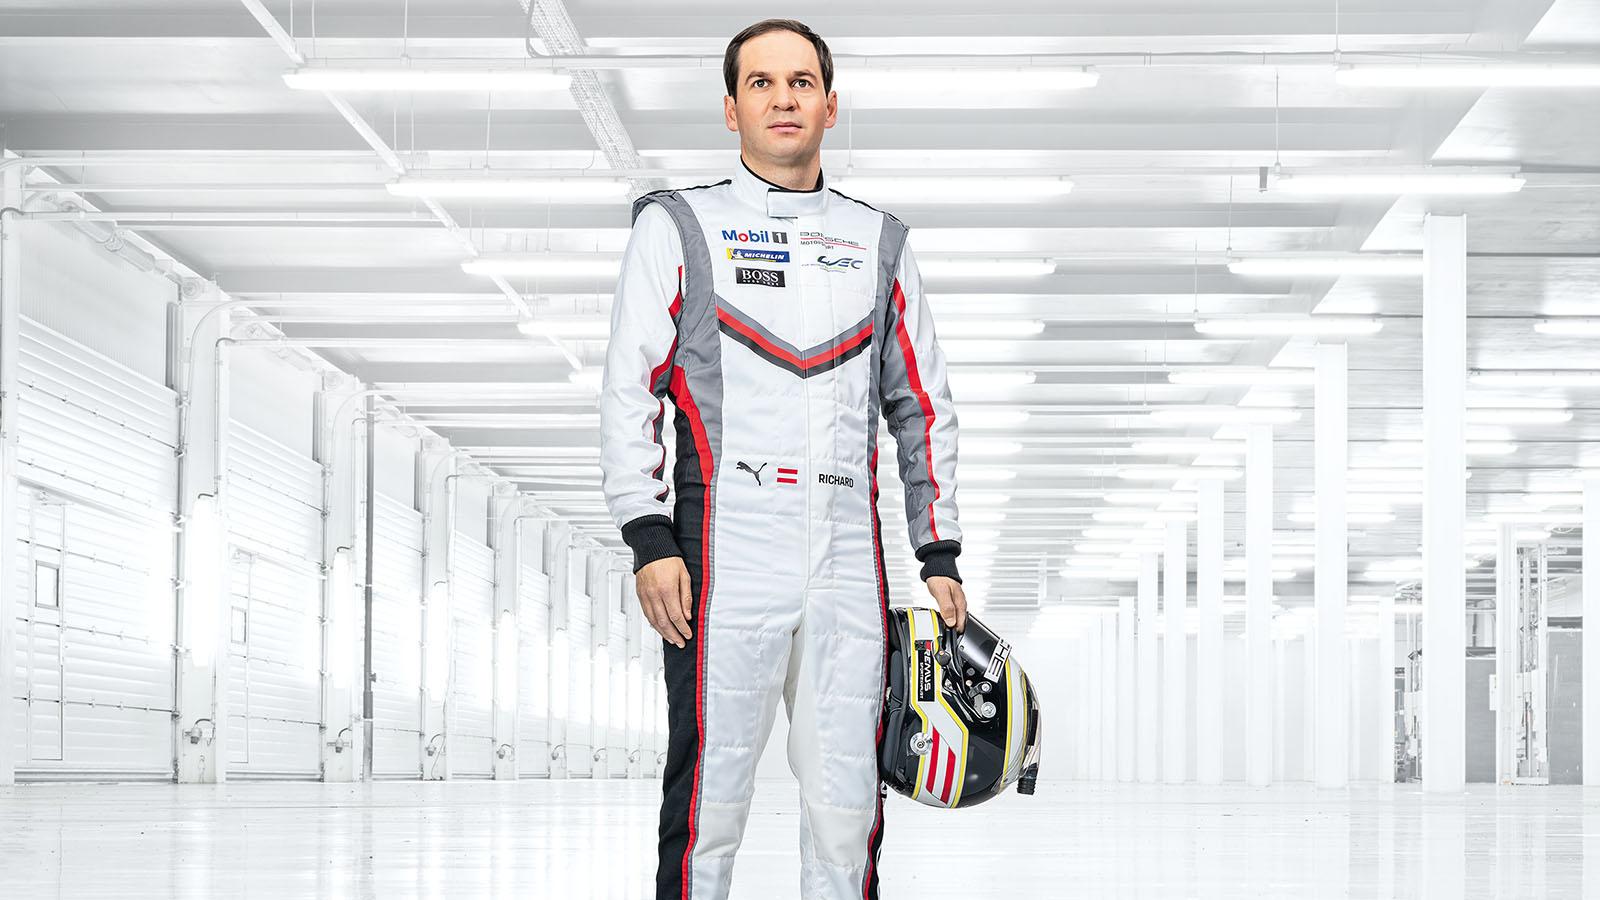 Porsche - Richard Lietz AUT